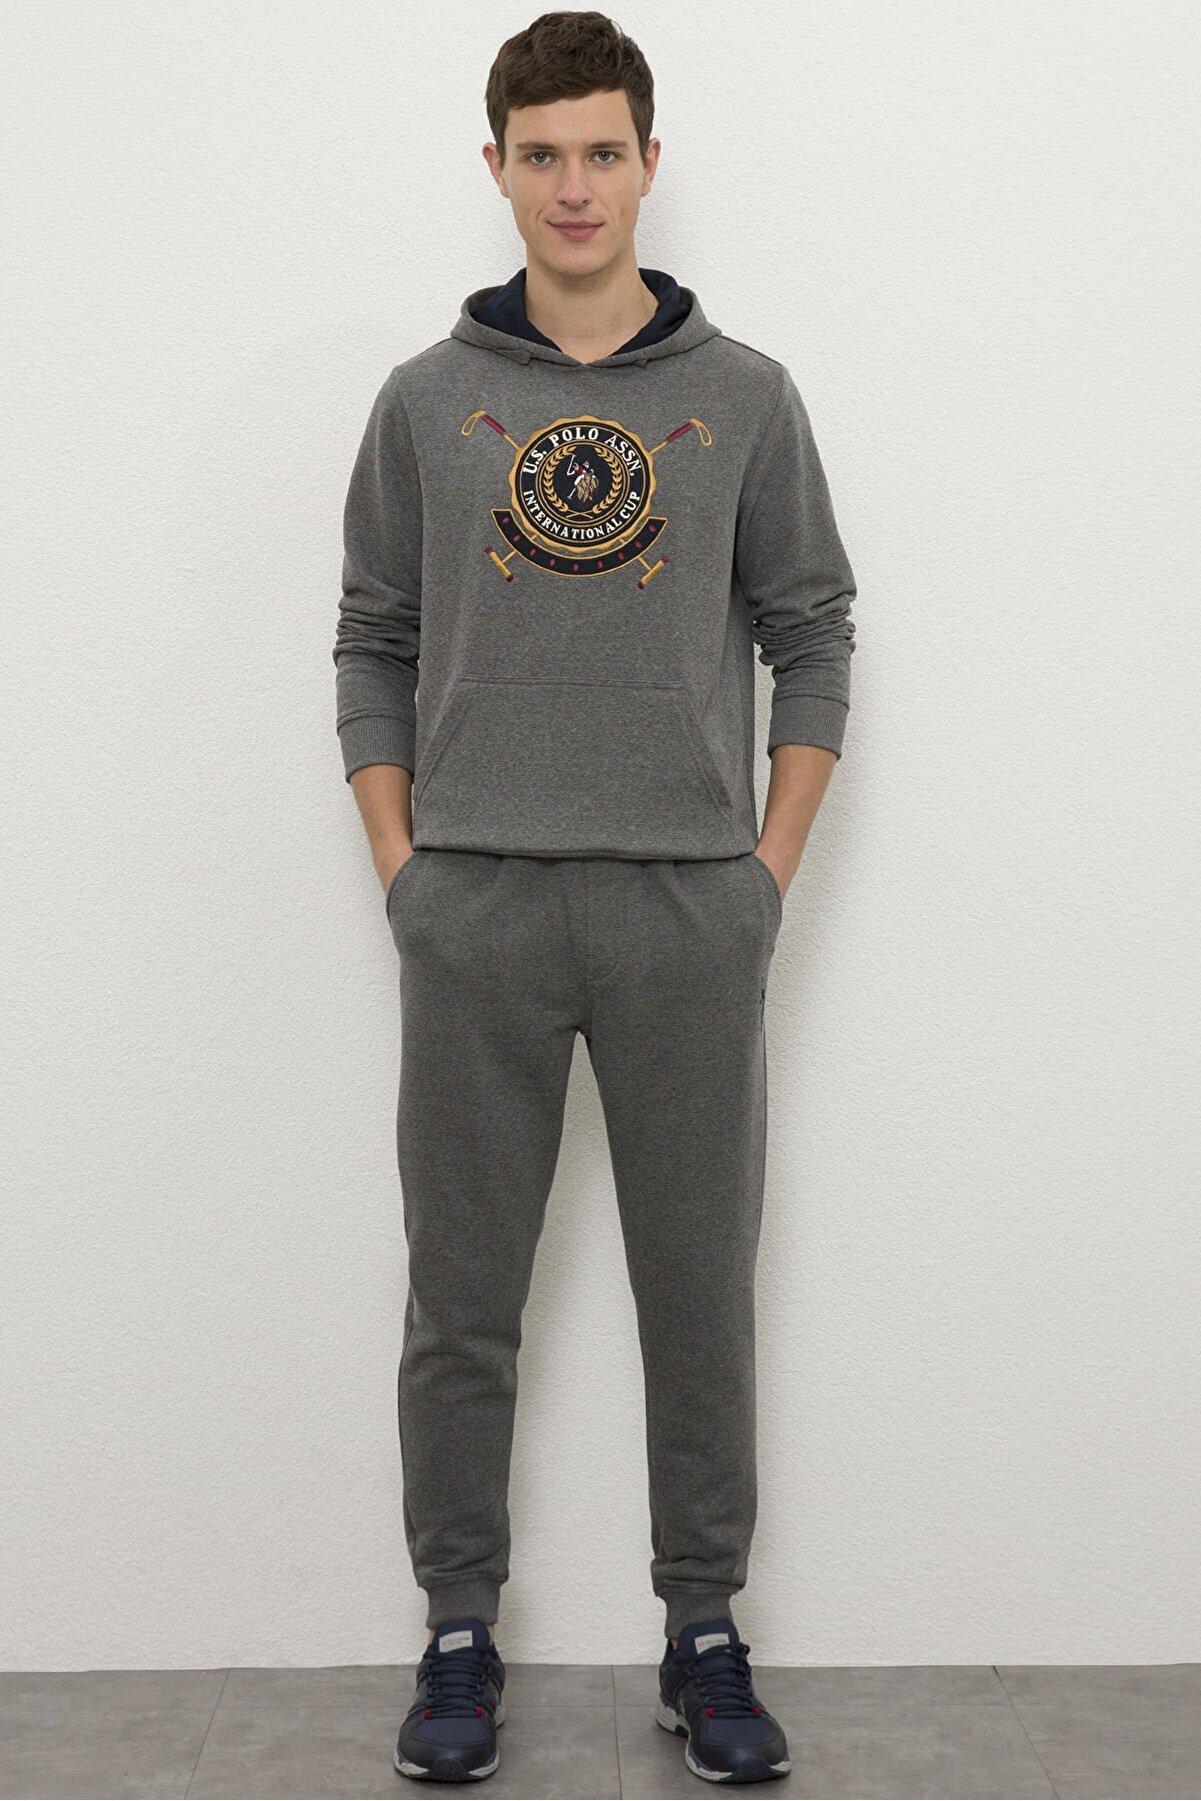 US Polo Assn Grı Erkek Örme Pantolon